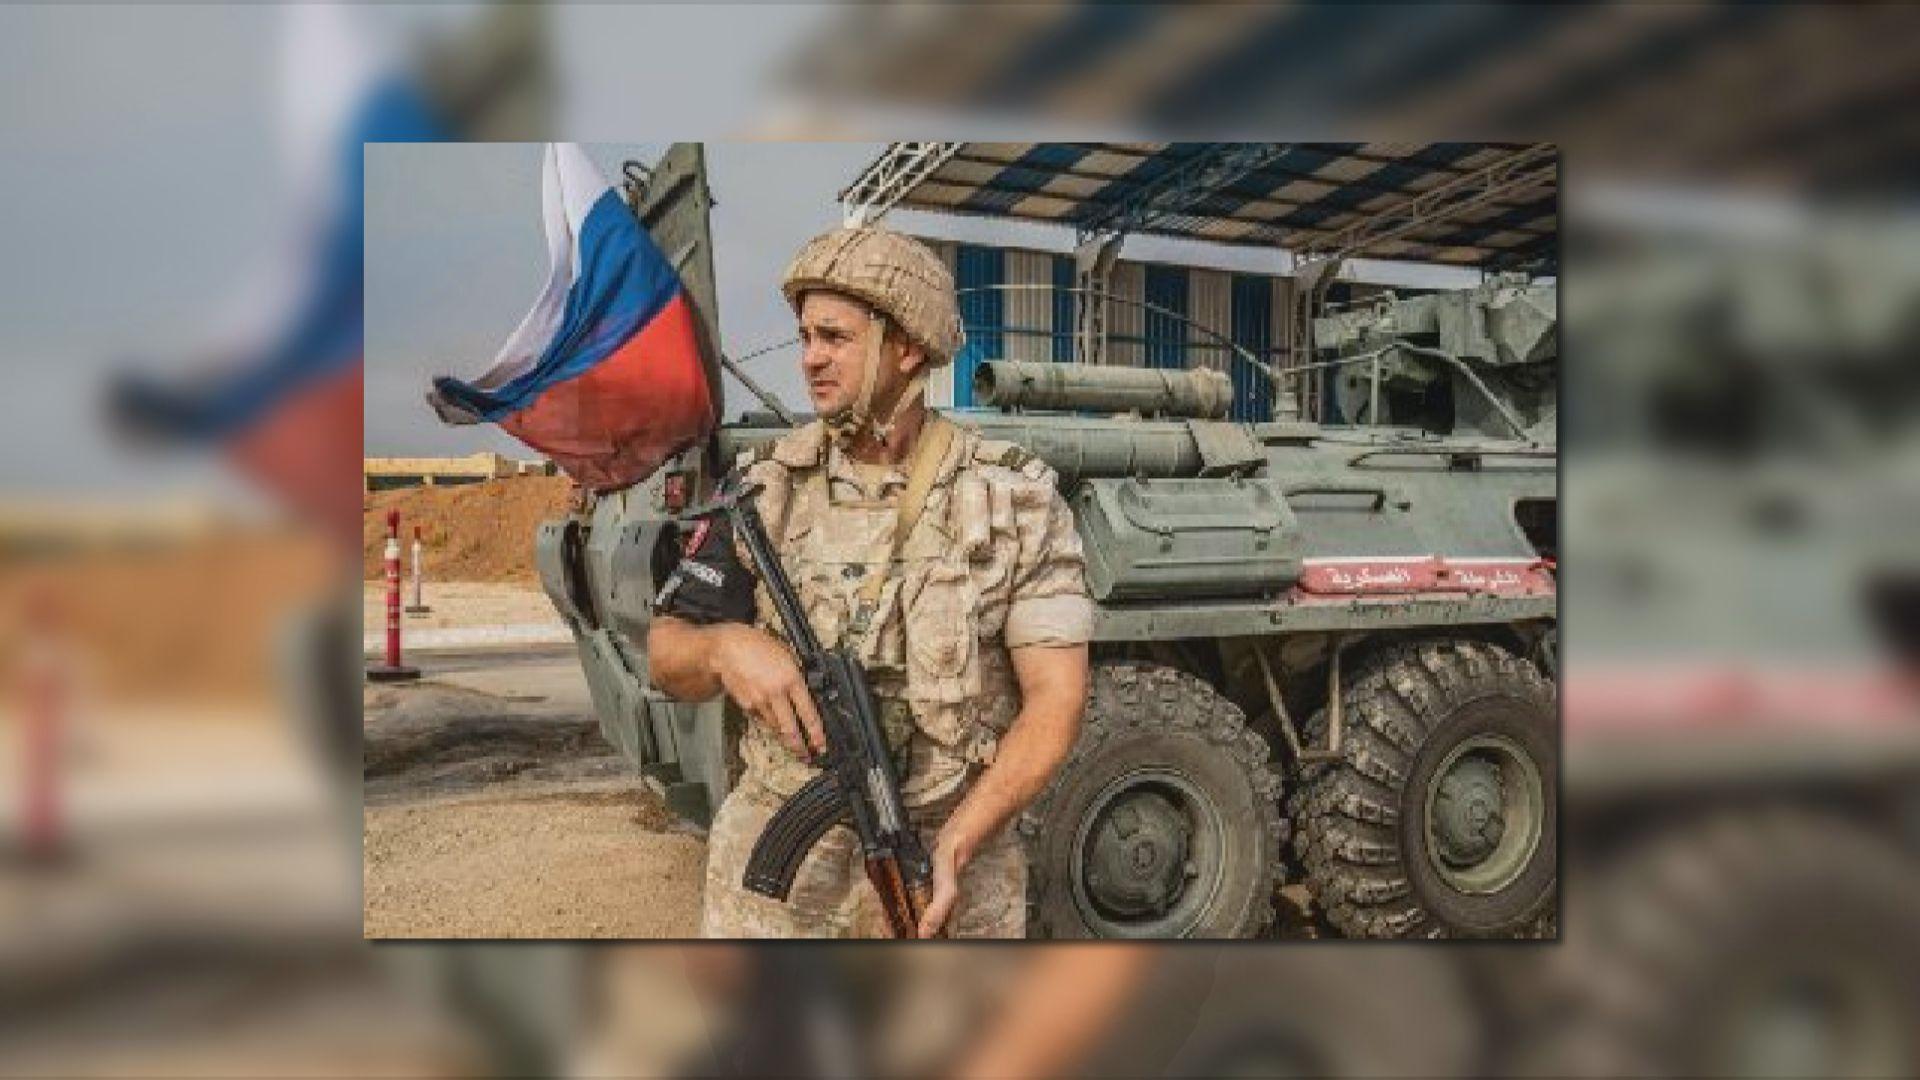 勒梅熱勒軍人背景成為俄羅斯的攻擊目標